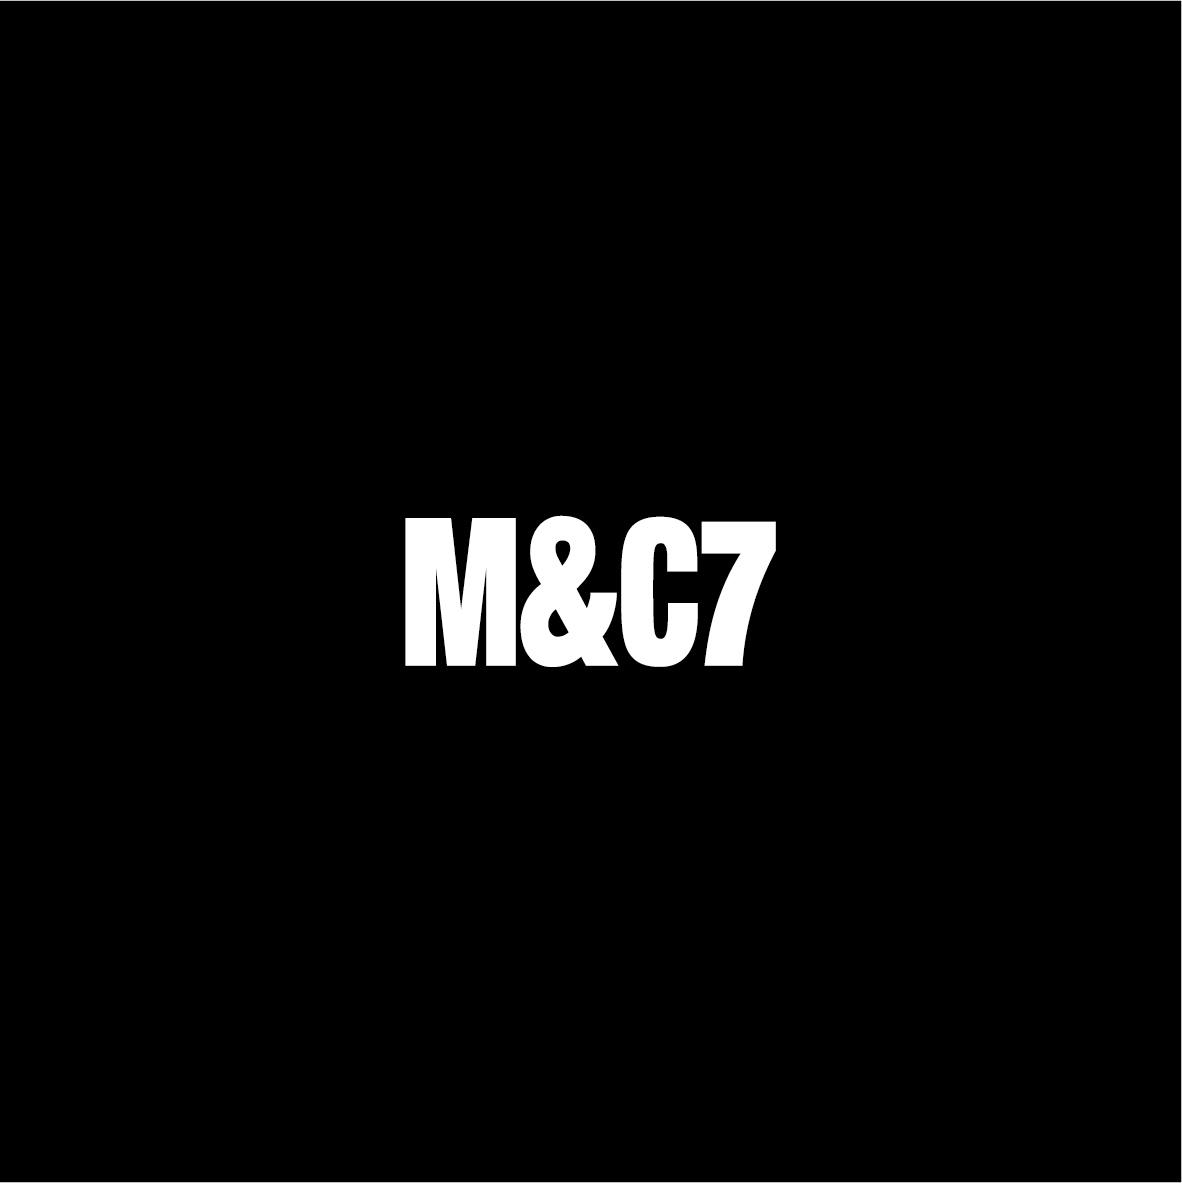 M&C7_Square-06